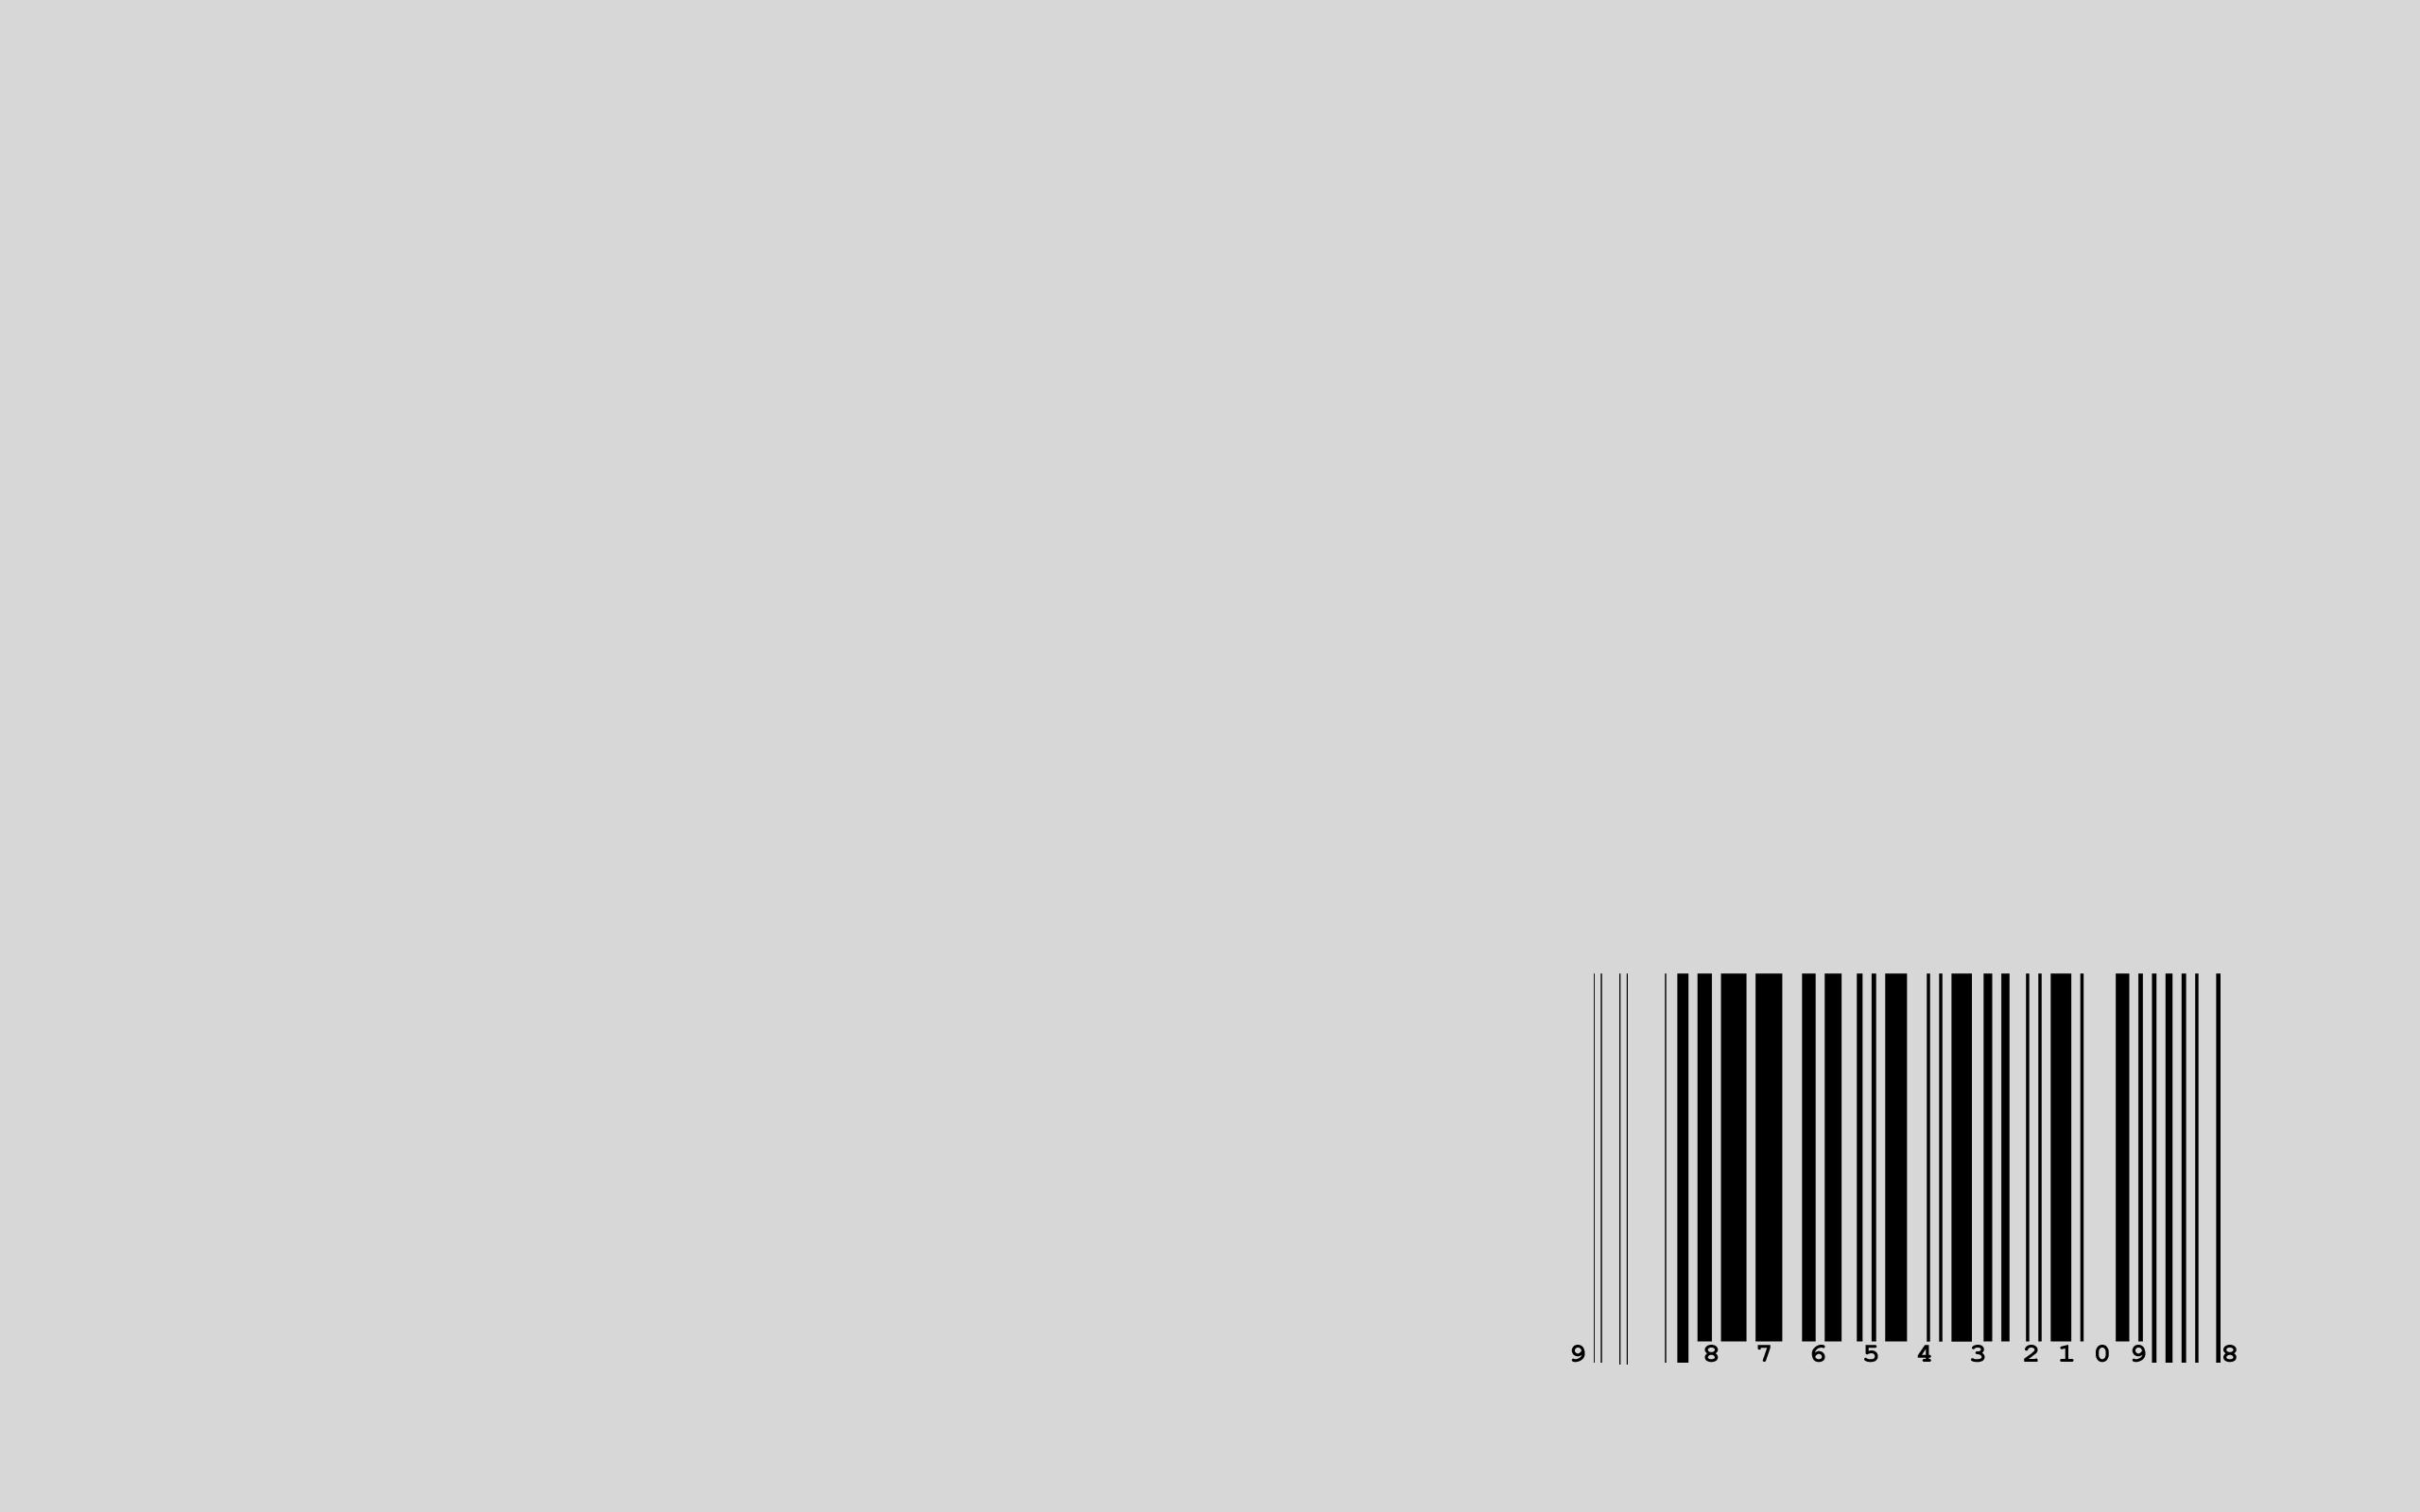 Hình nền trắng đẹp (112)